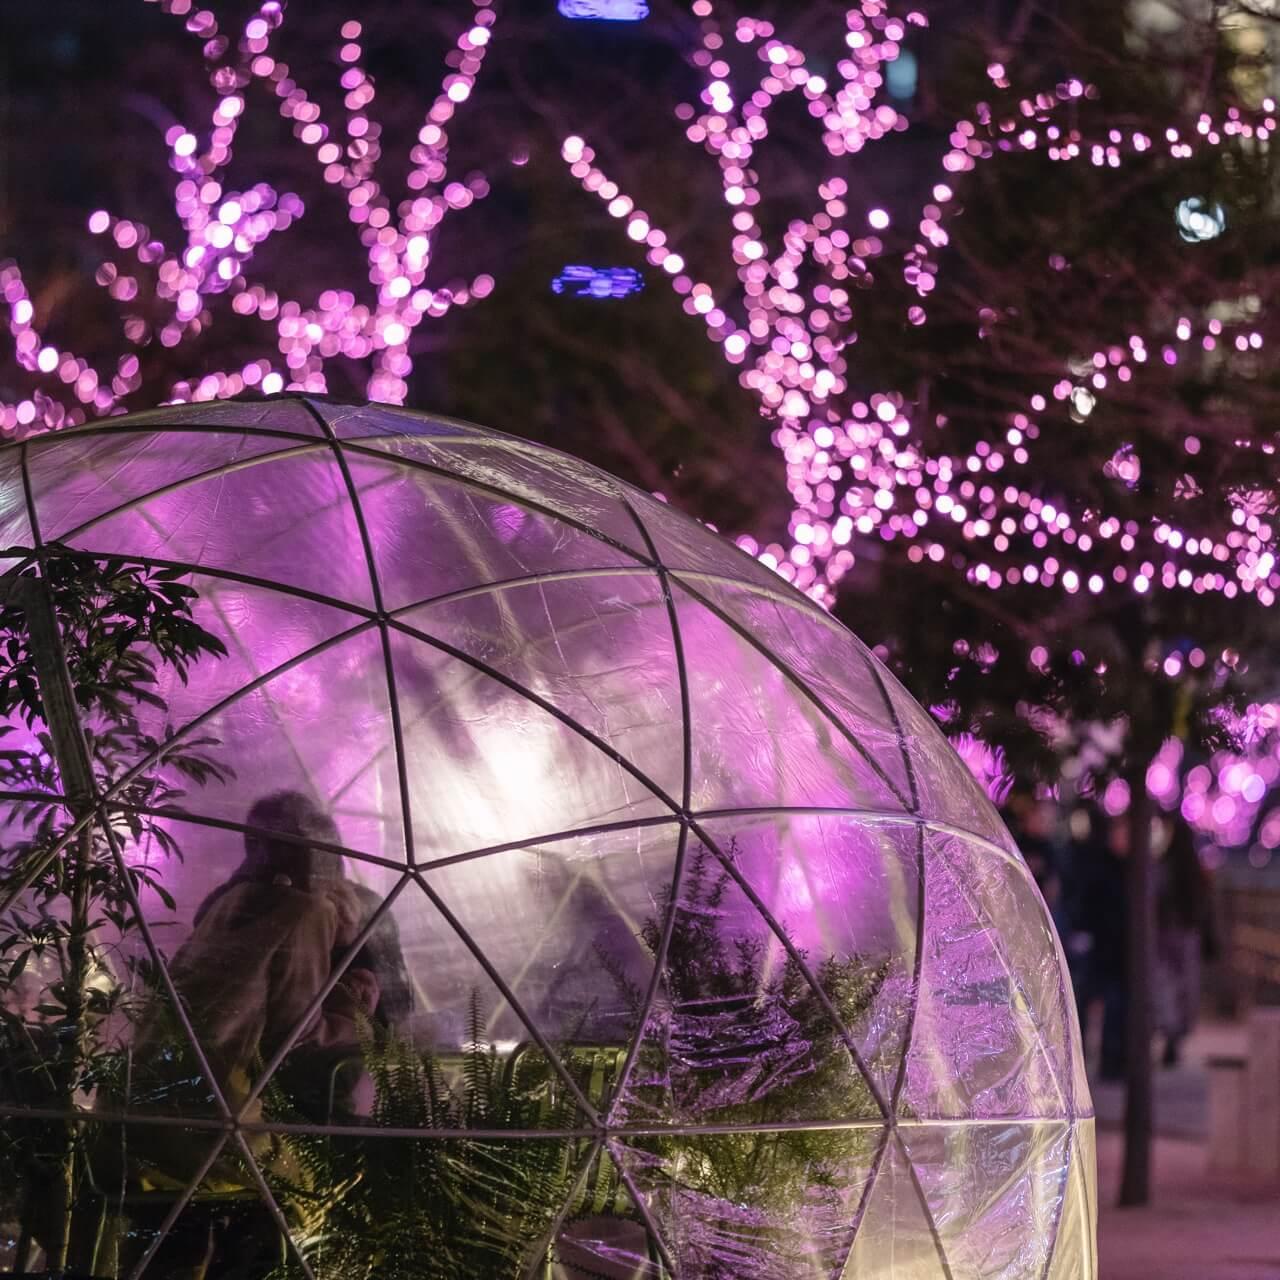 【11/29~12/1】今週末どこへ行く? 東京のおすすめおでかけ5選